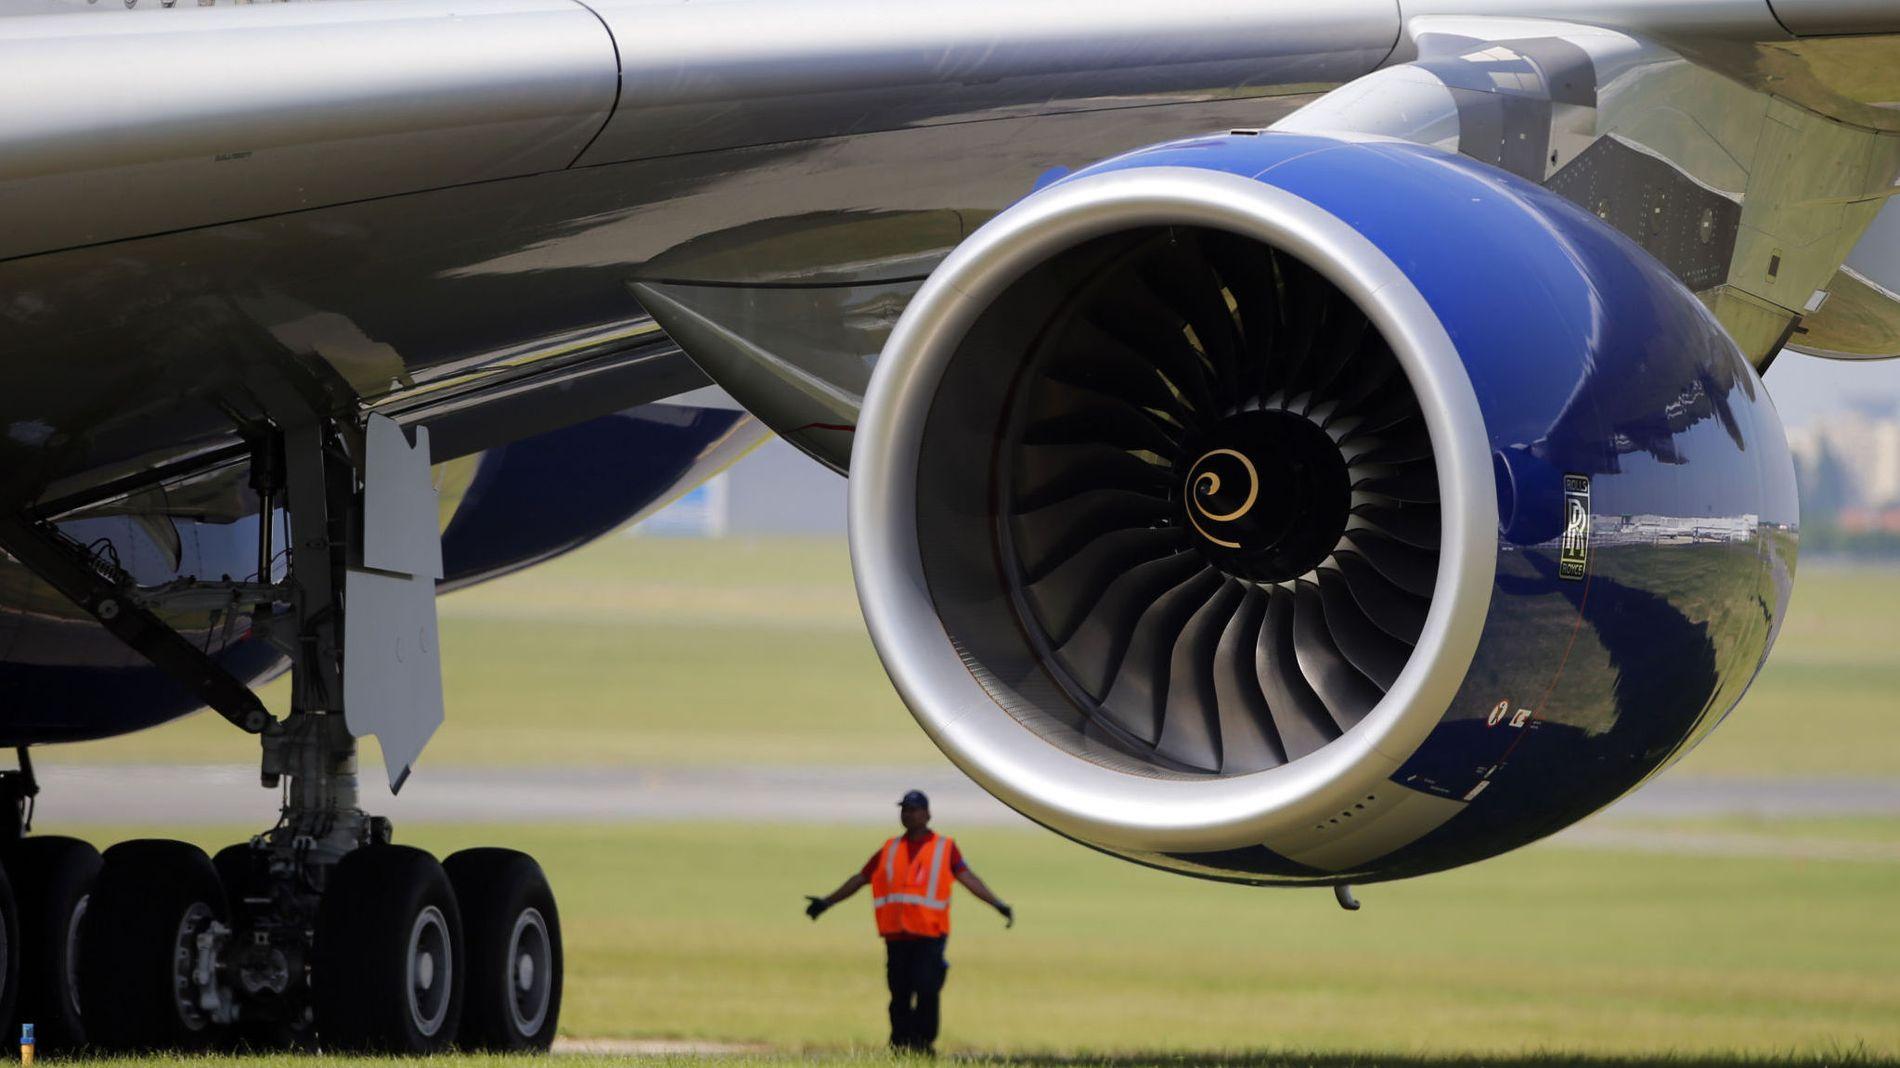 BESKYLDES FOR SIKKERHETSSVIKT: To tidligere ansatte hevder det fremdeles er hundrevis av motorer i drift som har defekter. Her en motor i en Airbus A380.